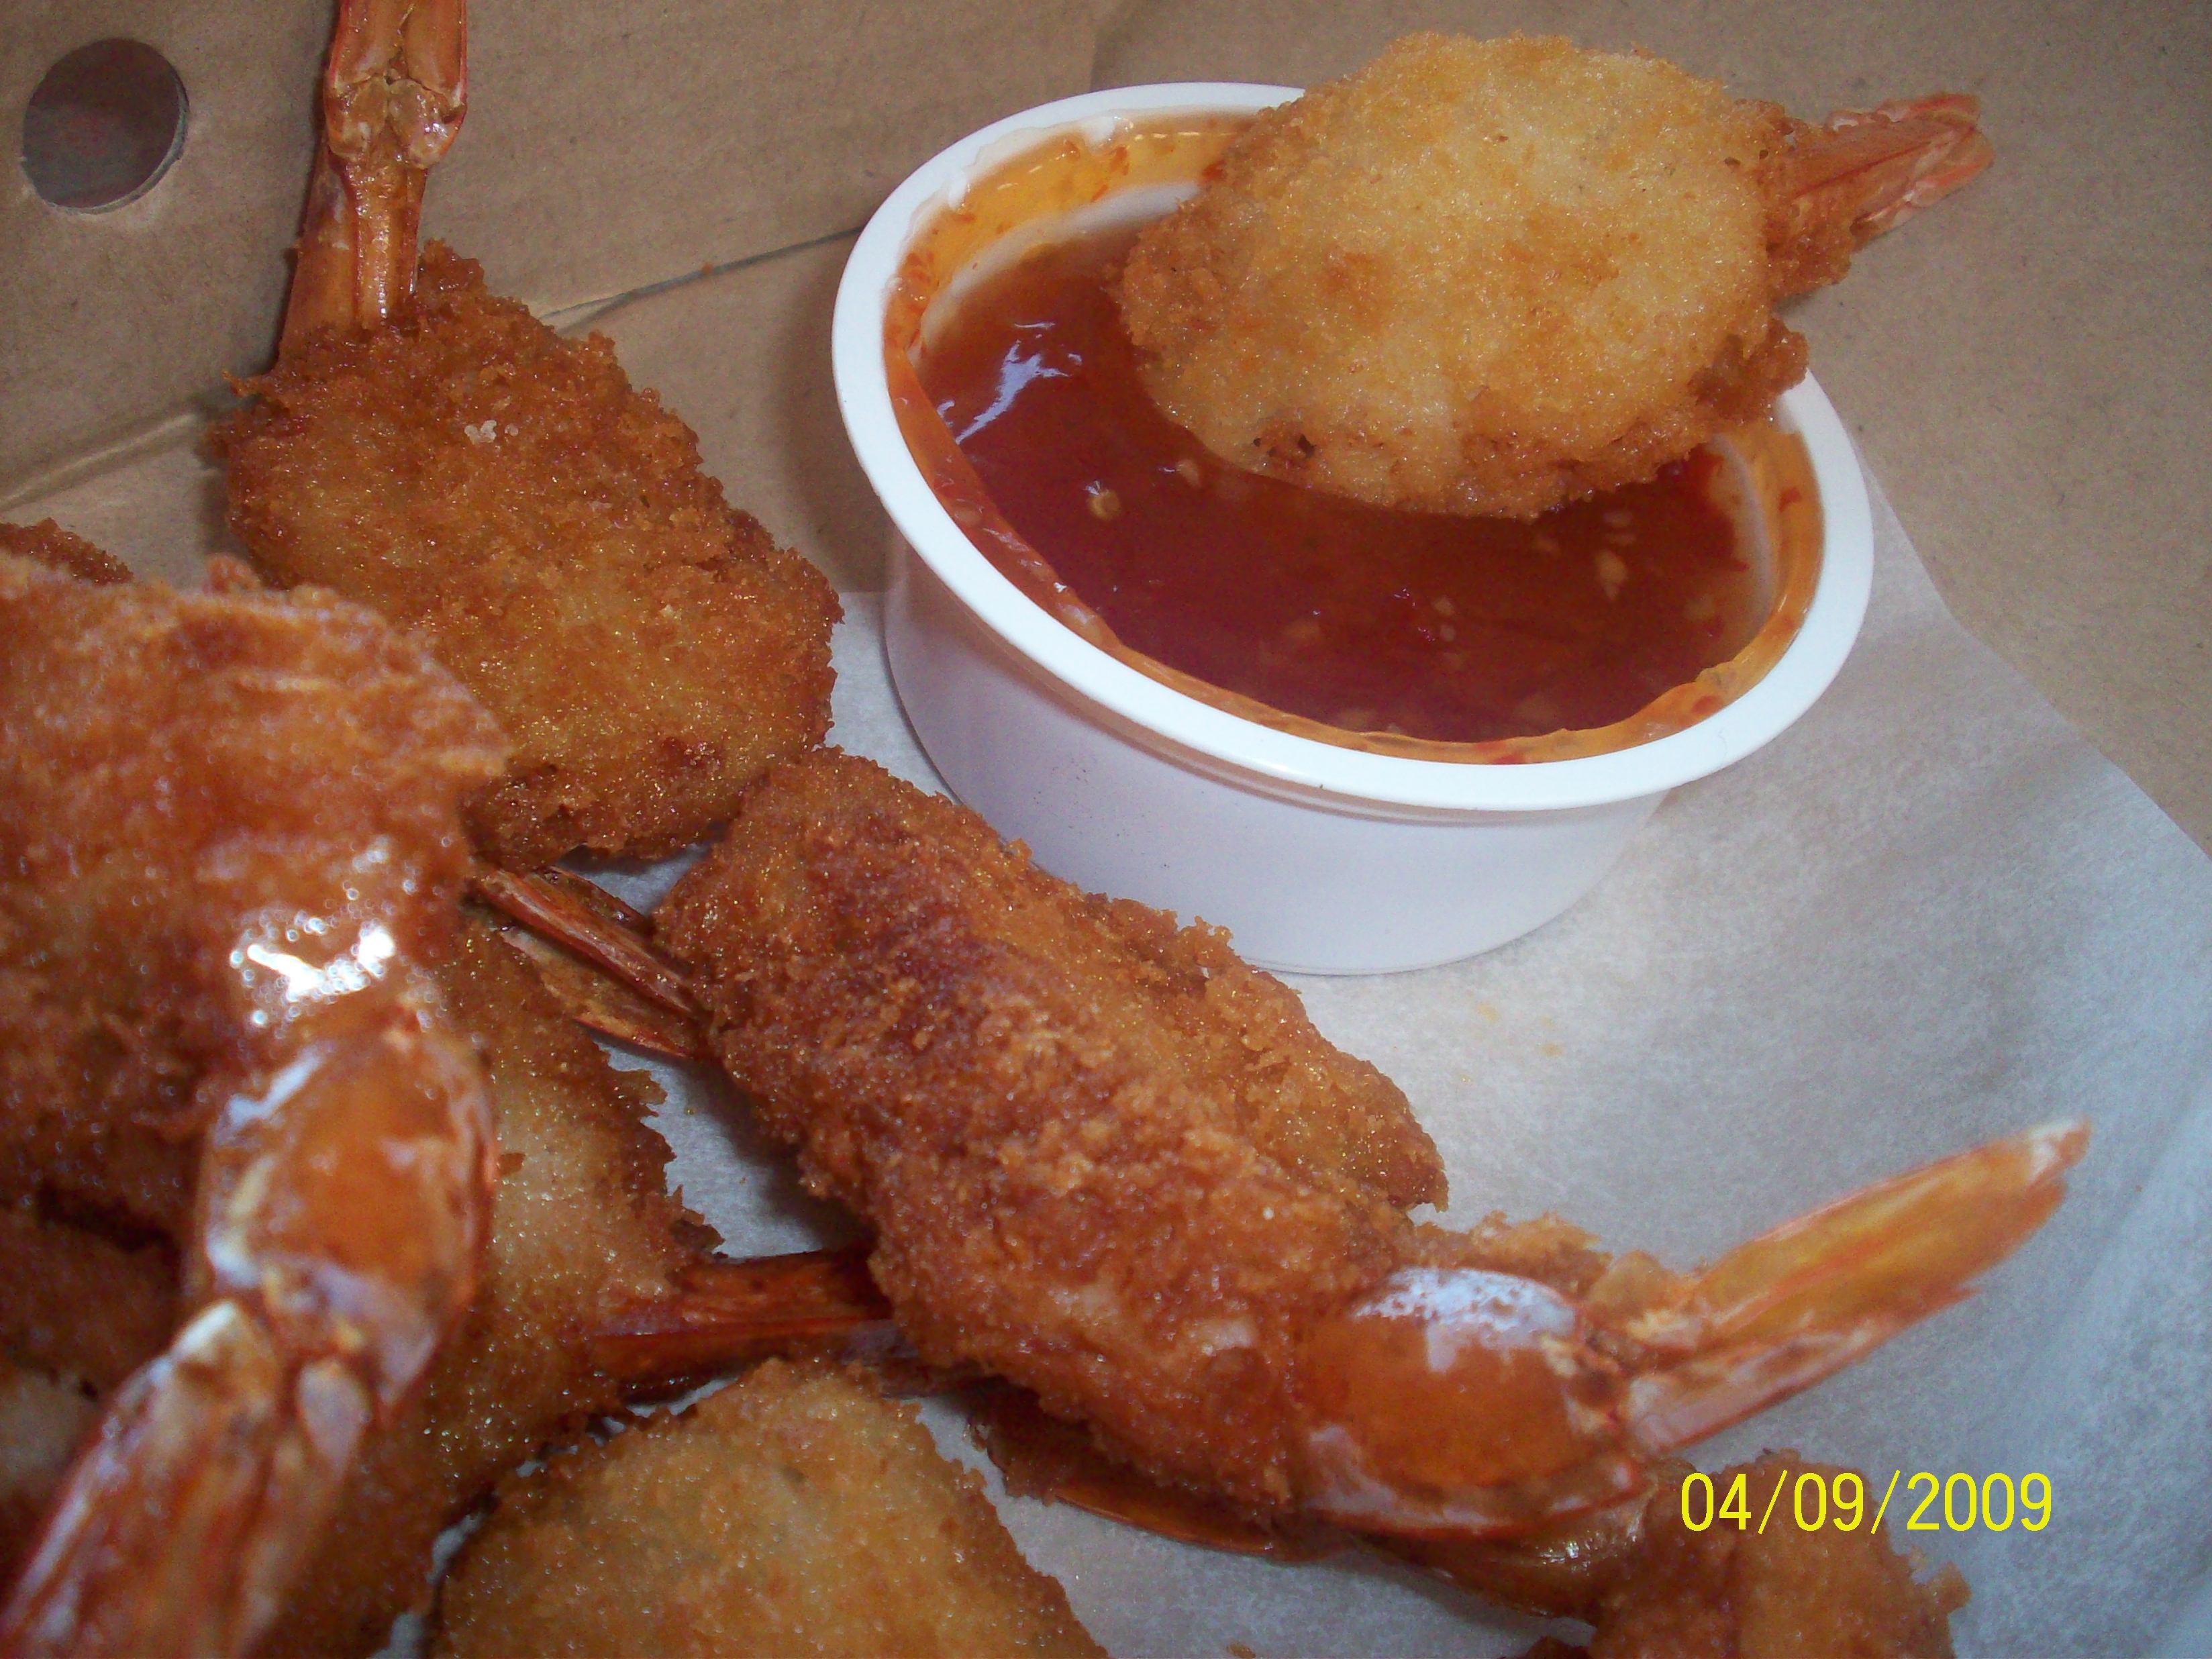 https://foodloader.net/cutie_2009-09-04_Breaded_Shrimp.jpg